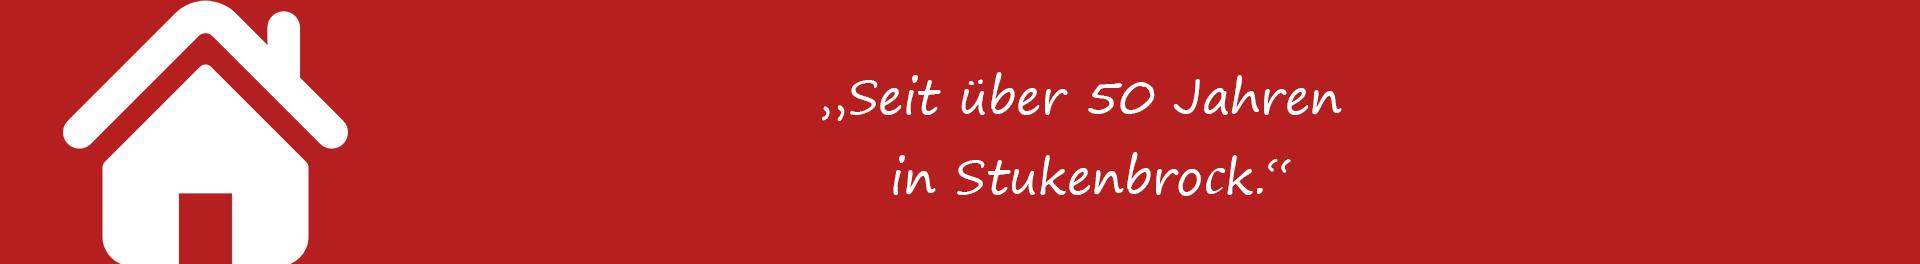 Über 50 Jahre in Stukenbrock